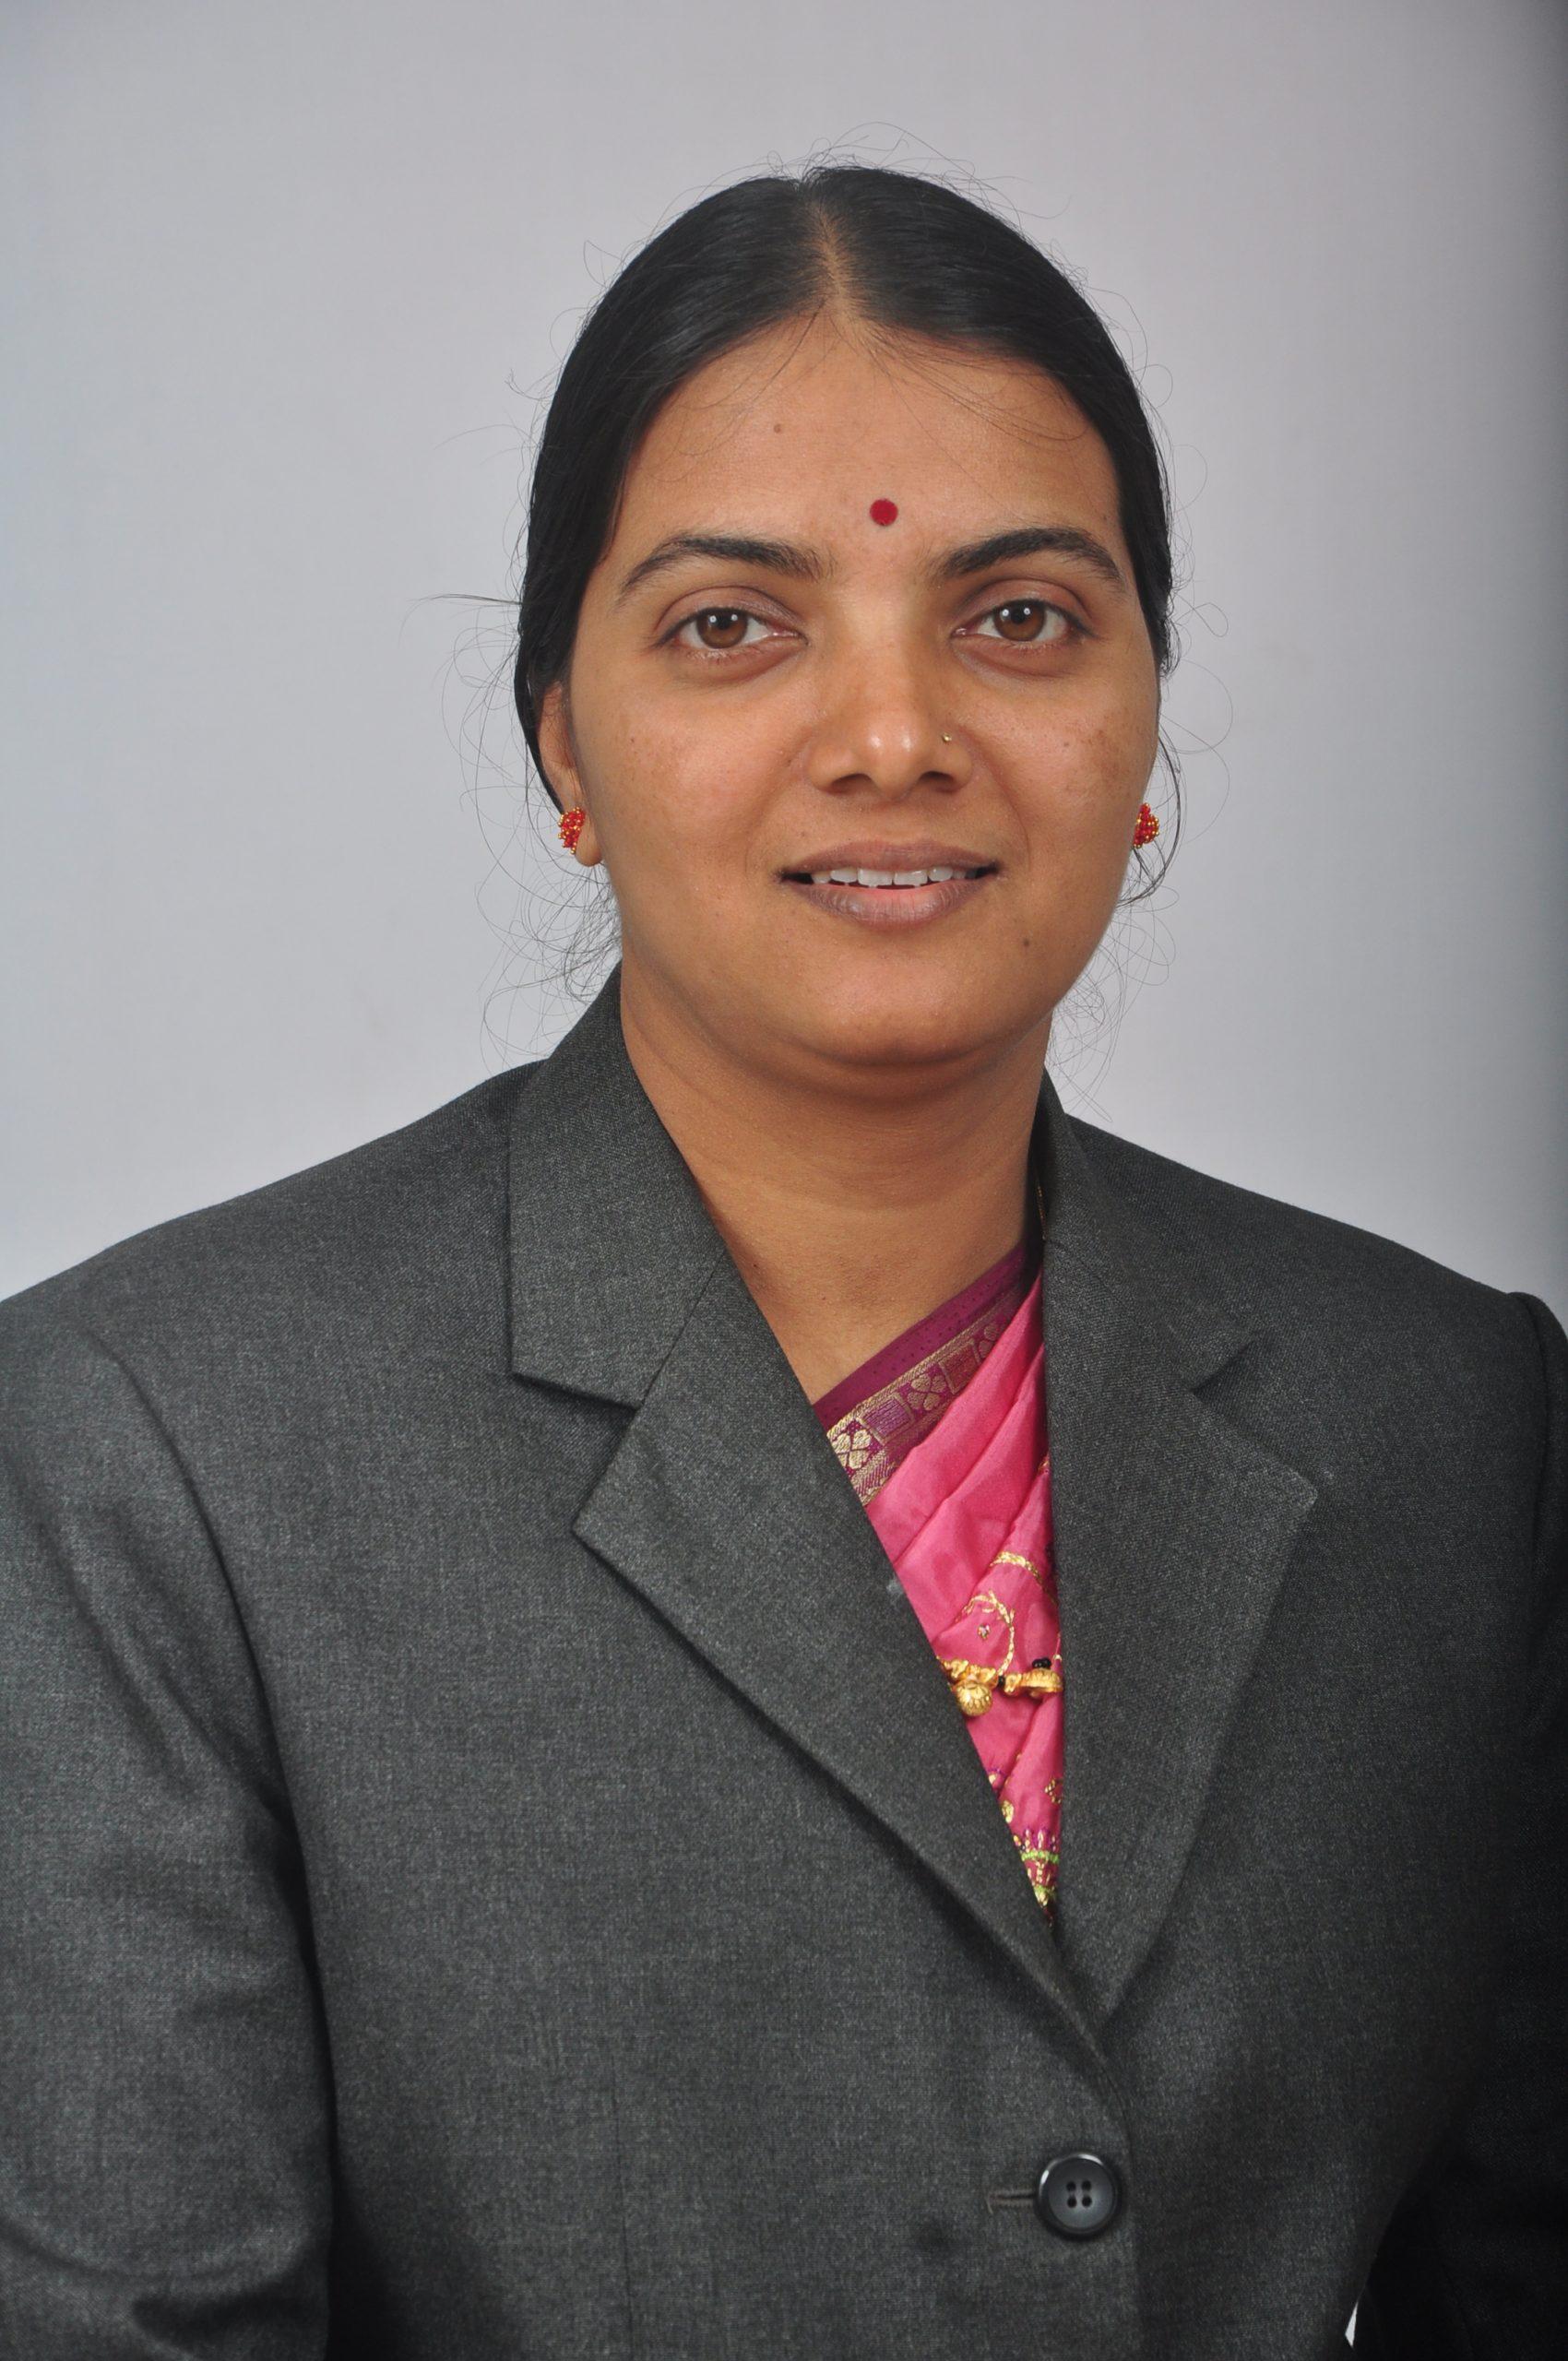 2.Sangeeta Desai